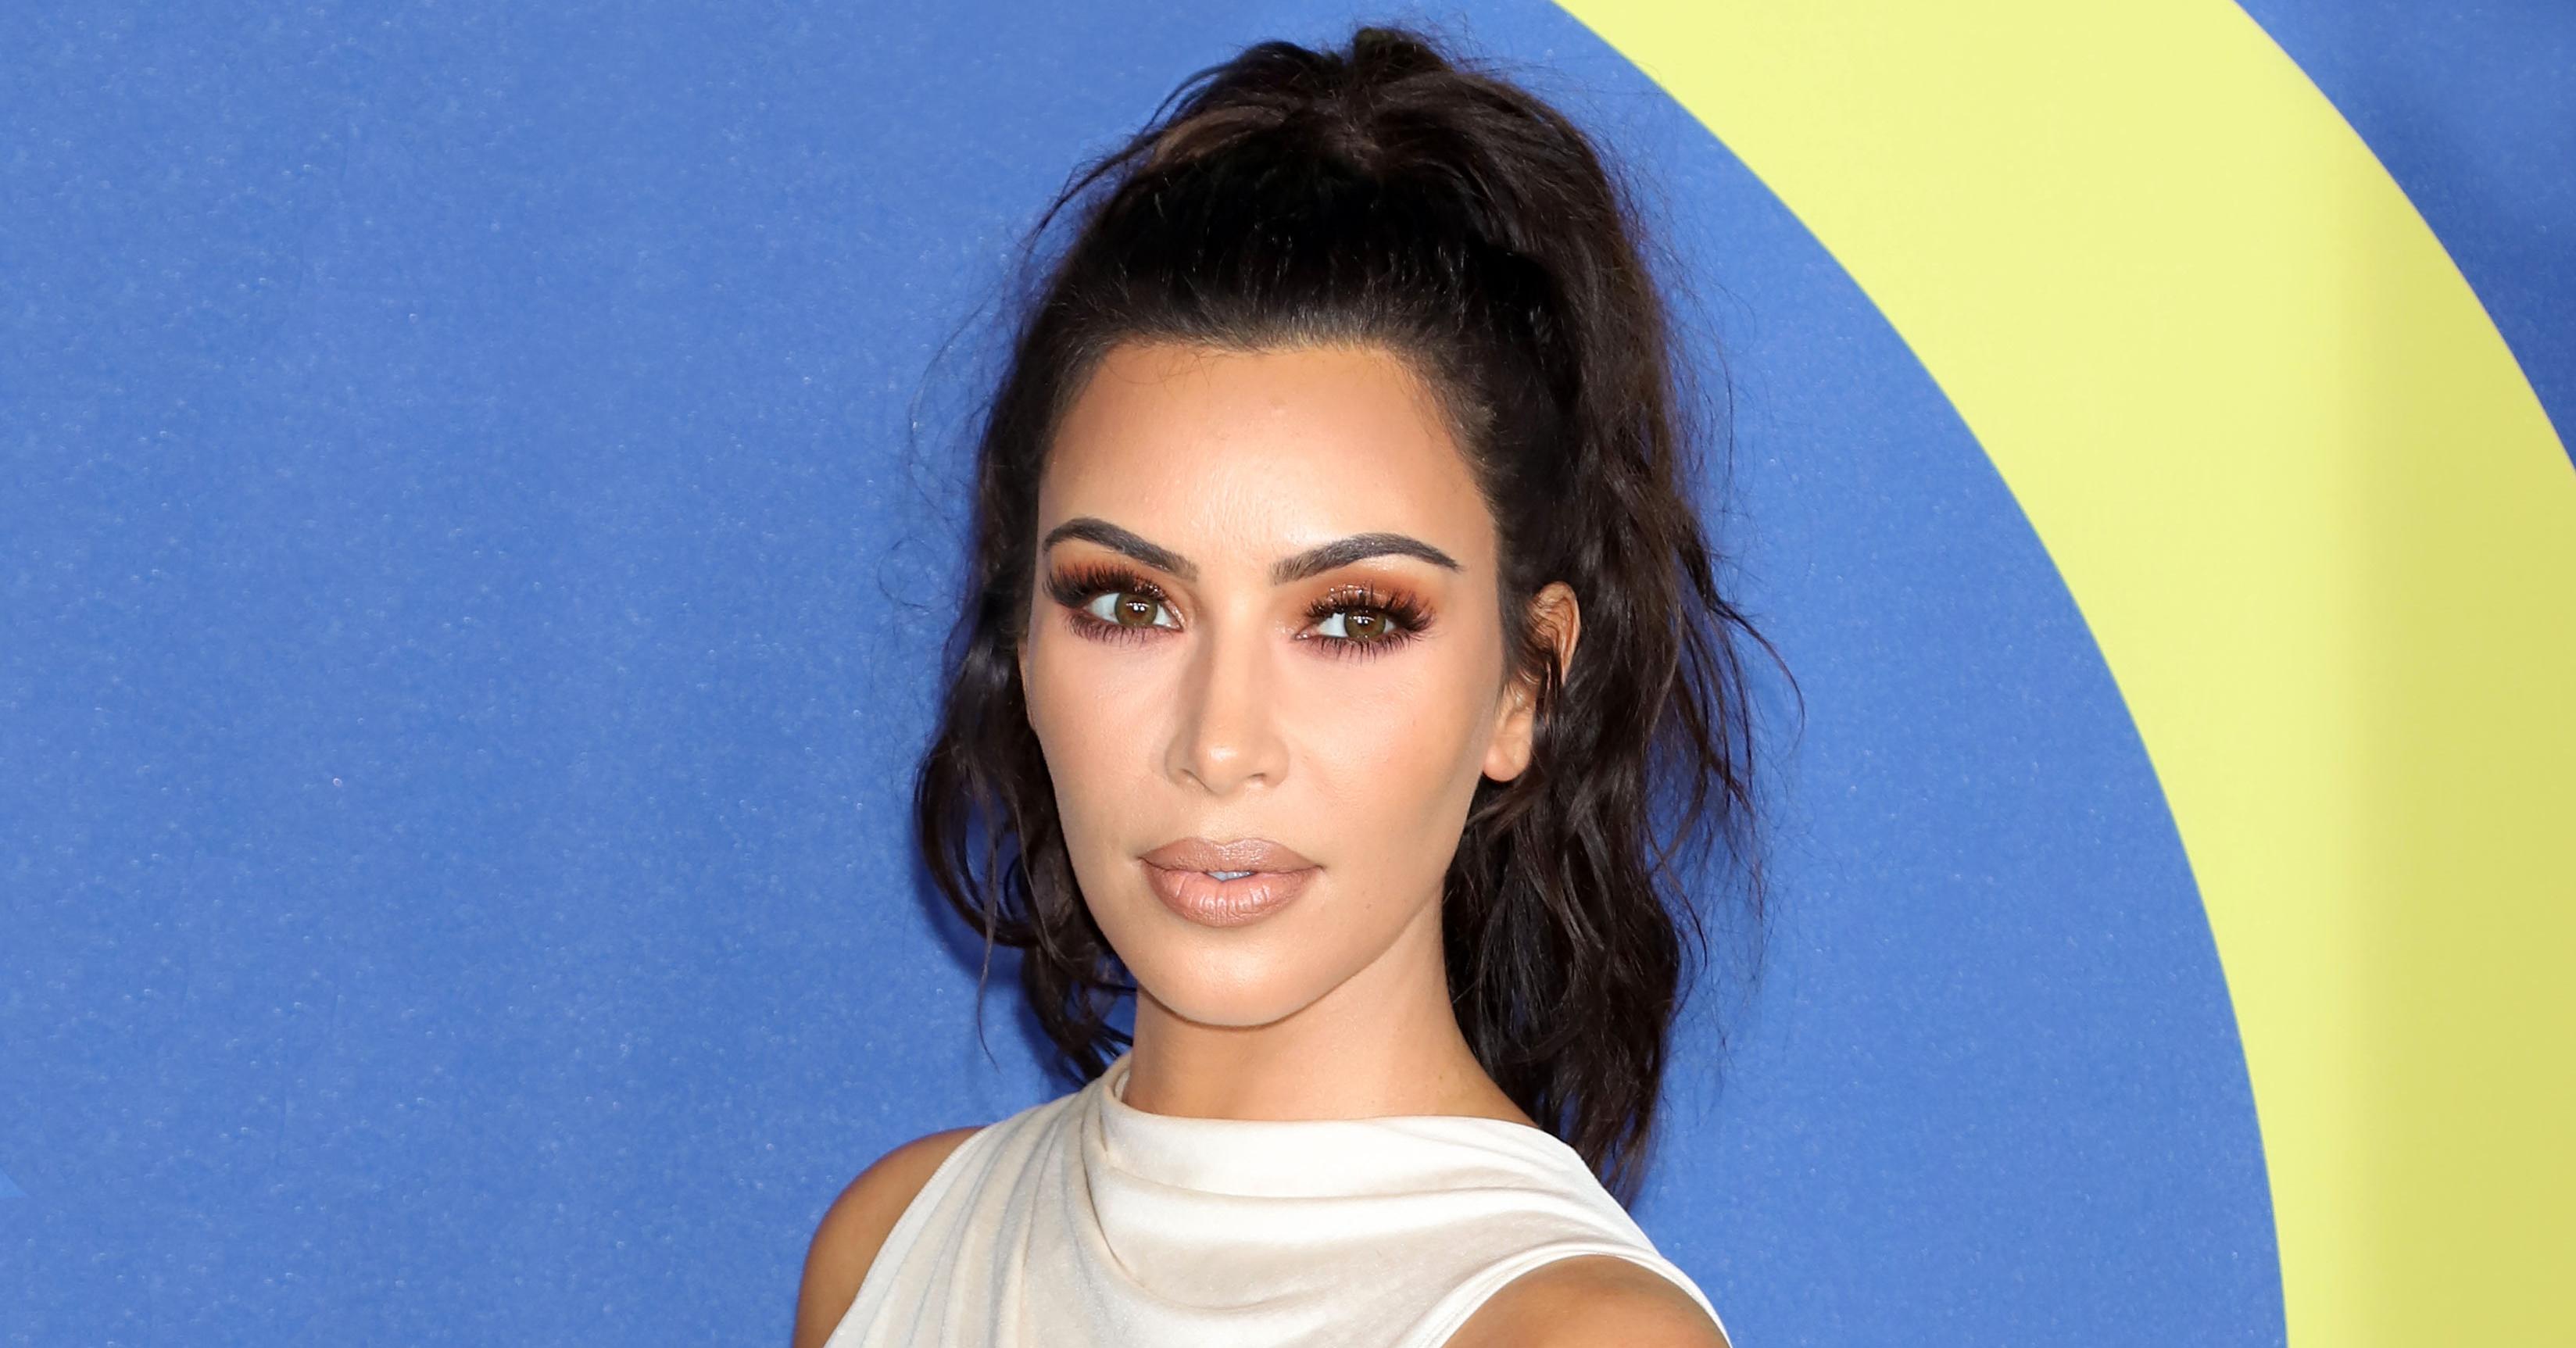 Three-Mobile-App-Marketing-Lessons-from-Kim-Kardashian